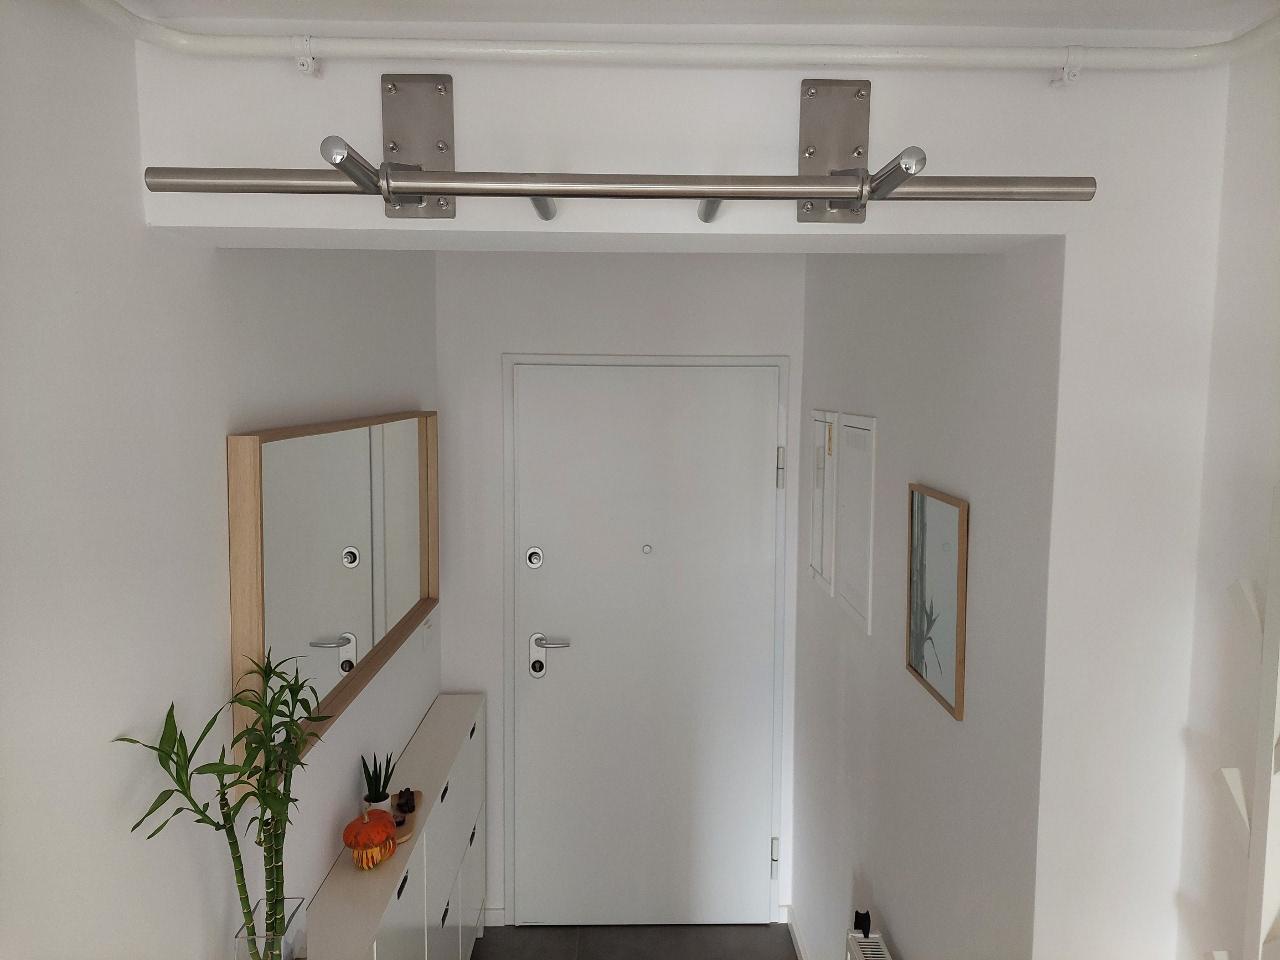 klimmzugstange_pull_up_bar_flur_corridor